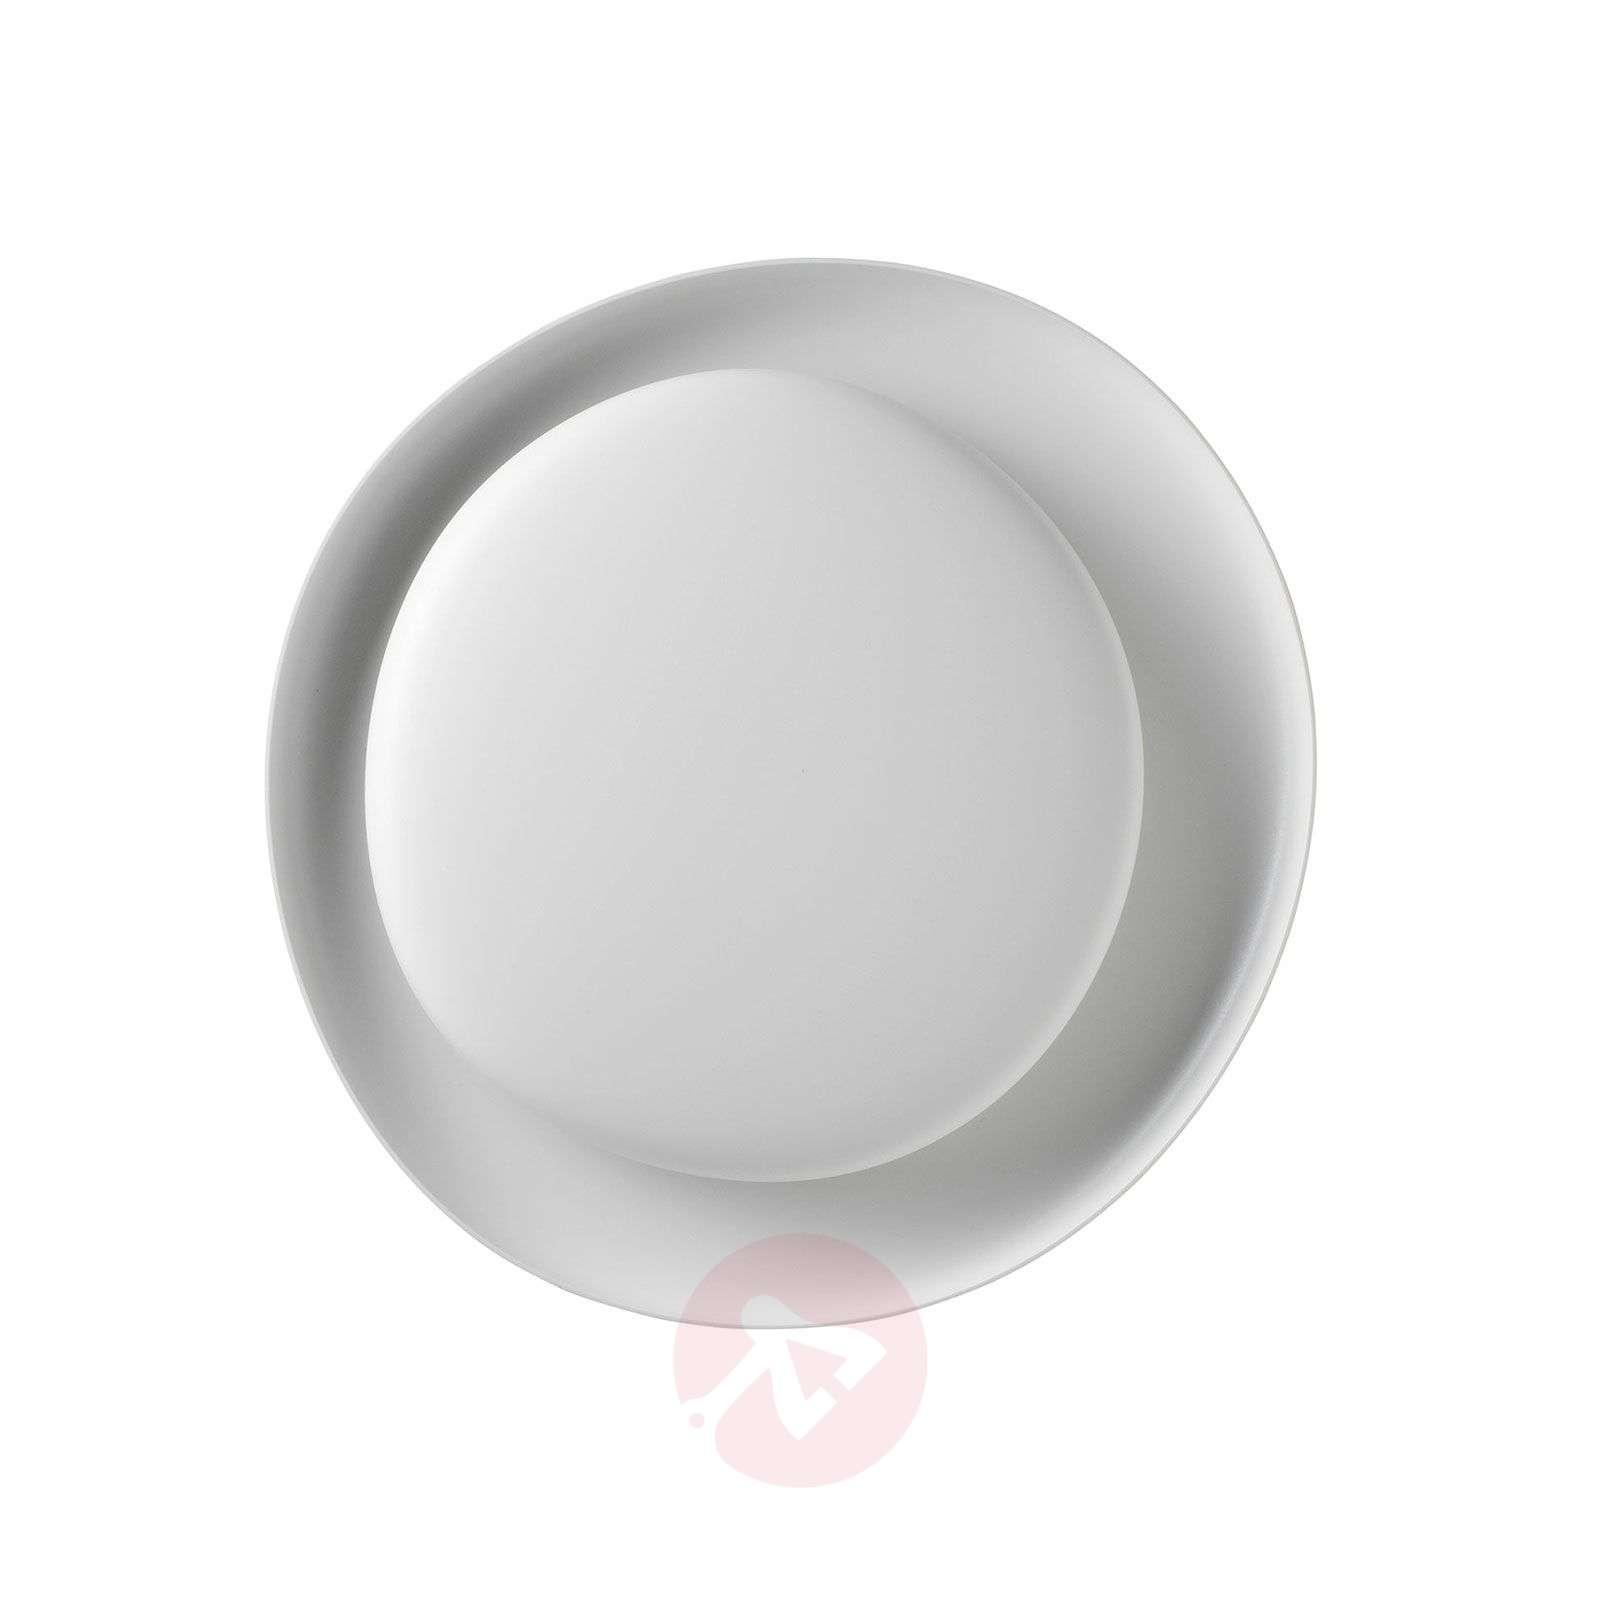 Foscarini MyLight Bahia mini LED-seinävalaisin-3560172-01